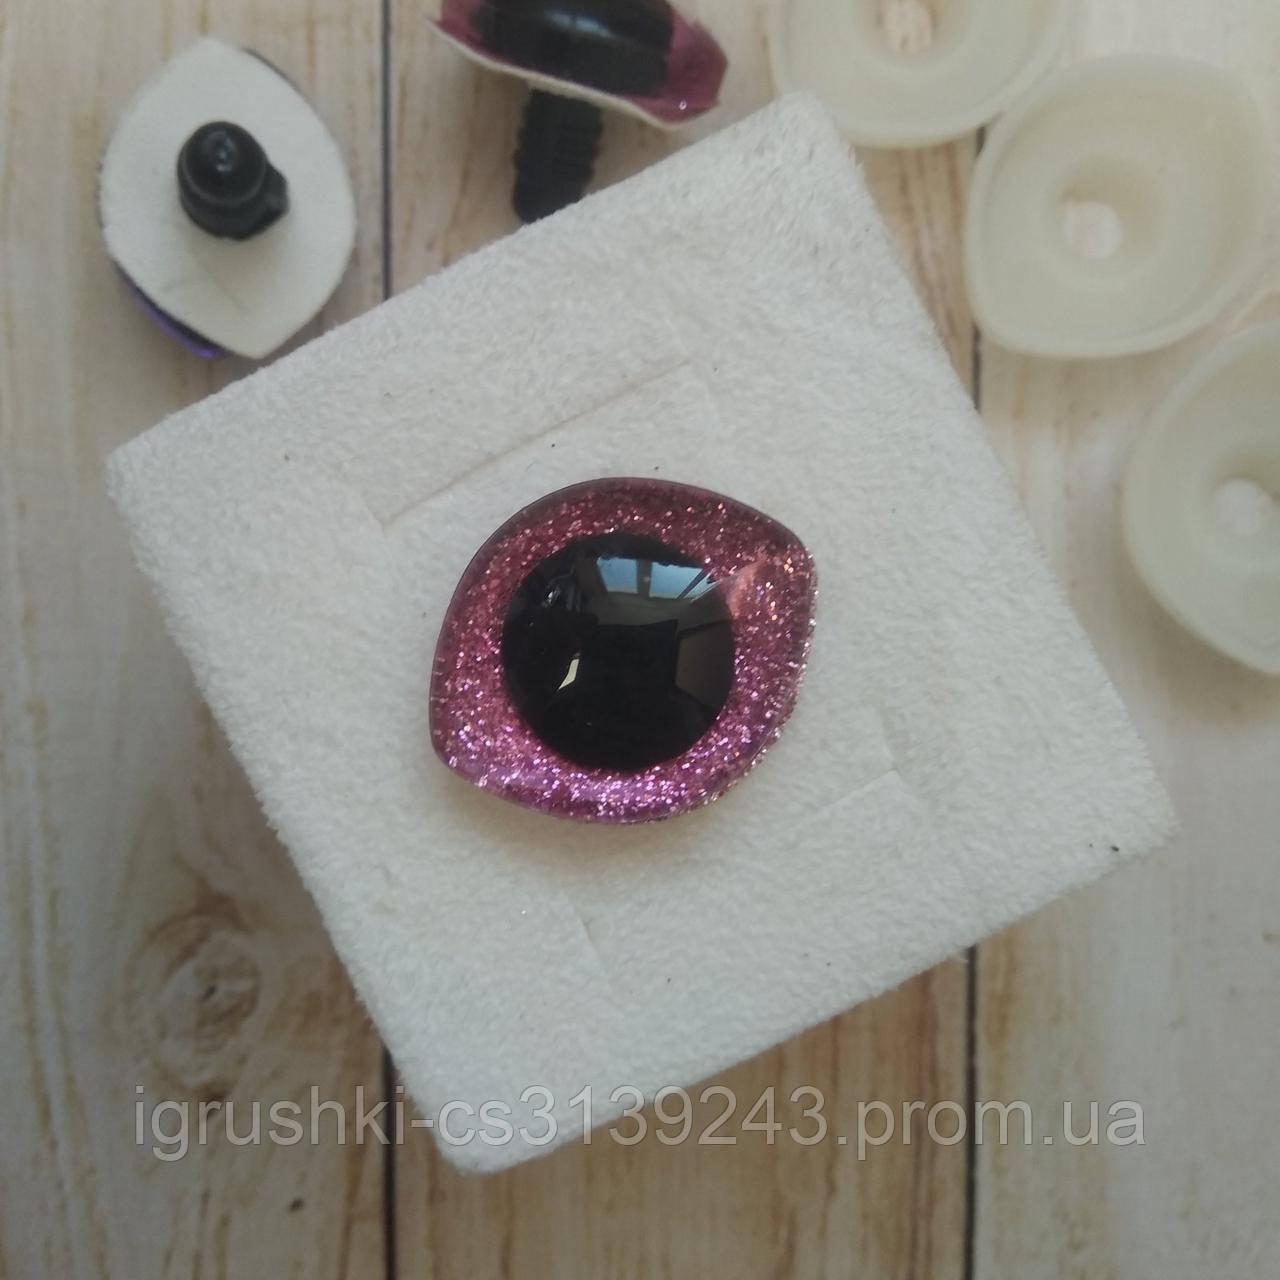 Блестящие глазки для игрушек 28,5*23,5 мм розовый